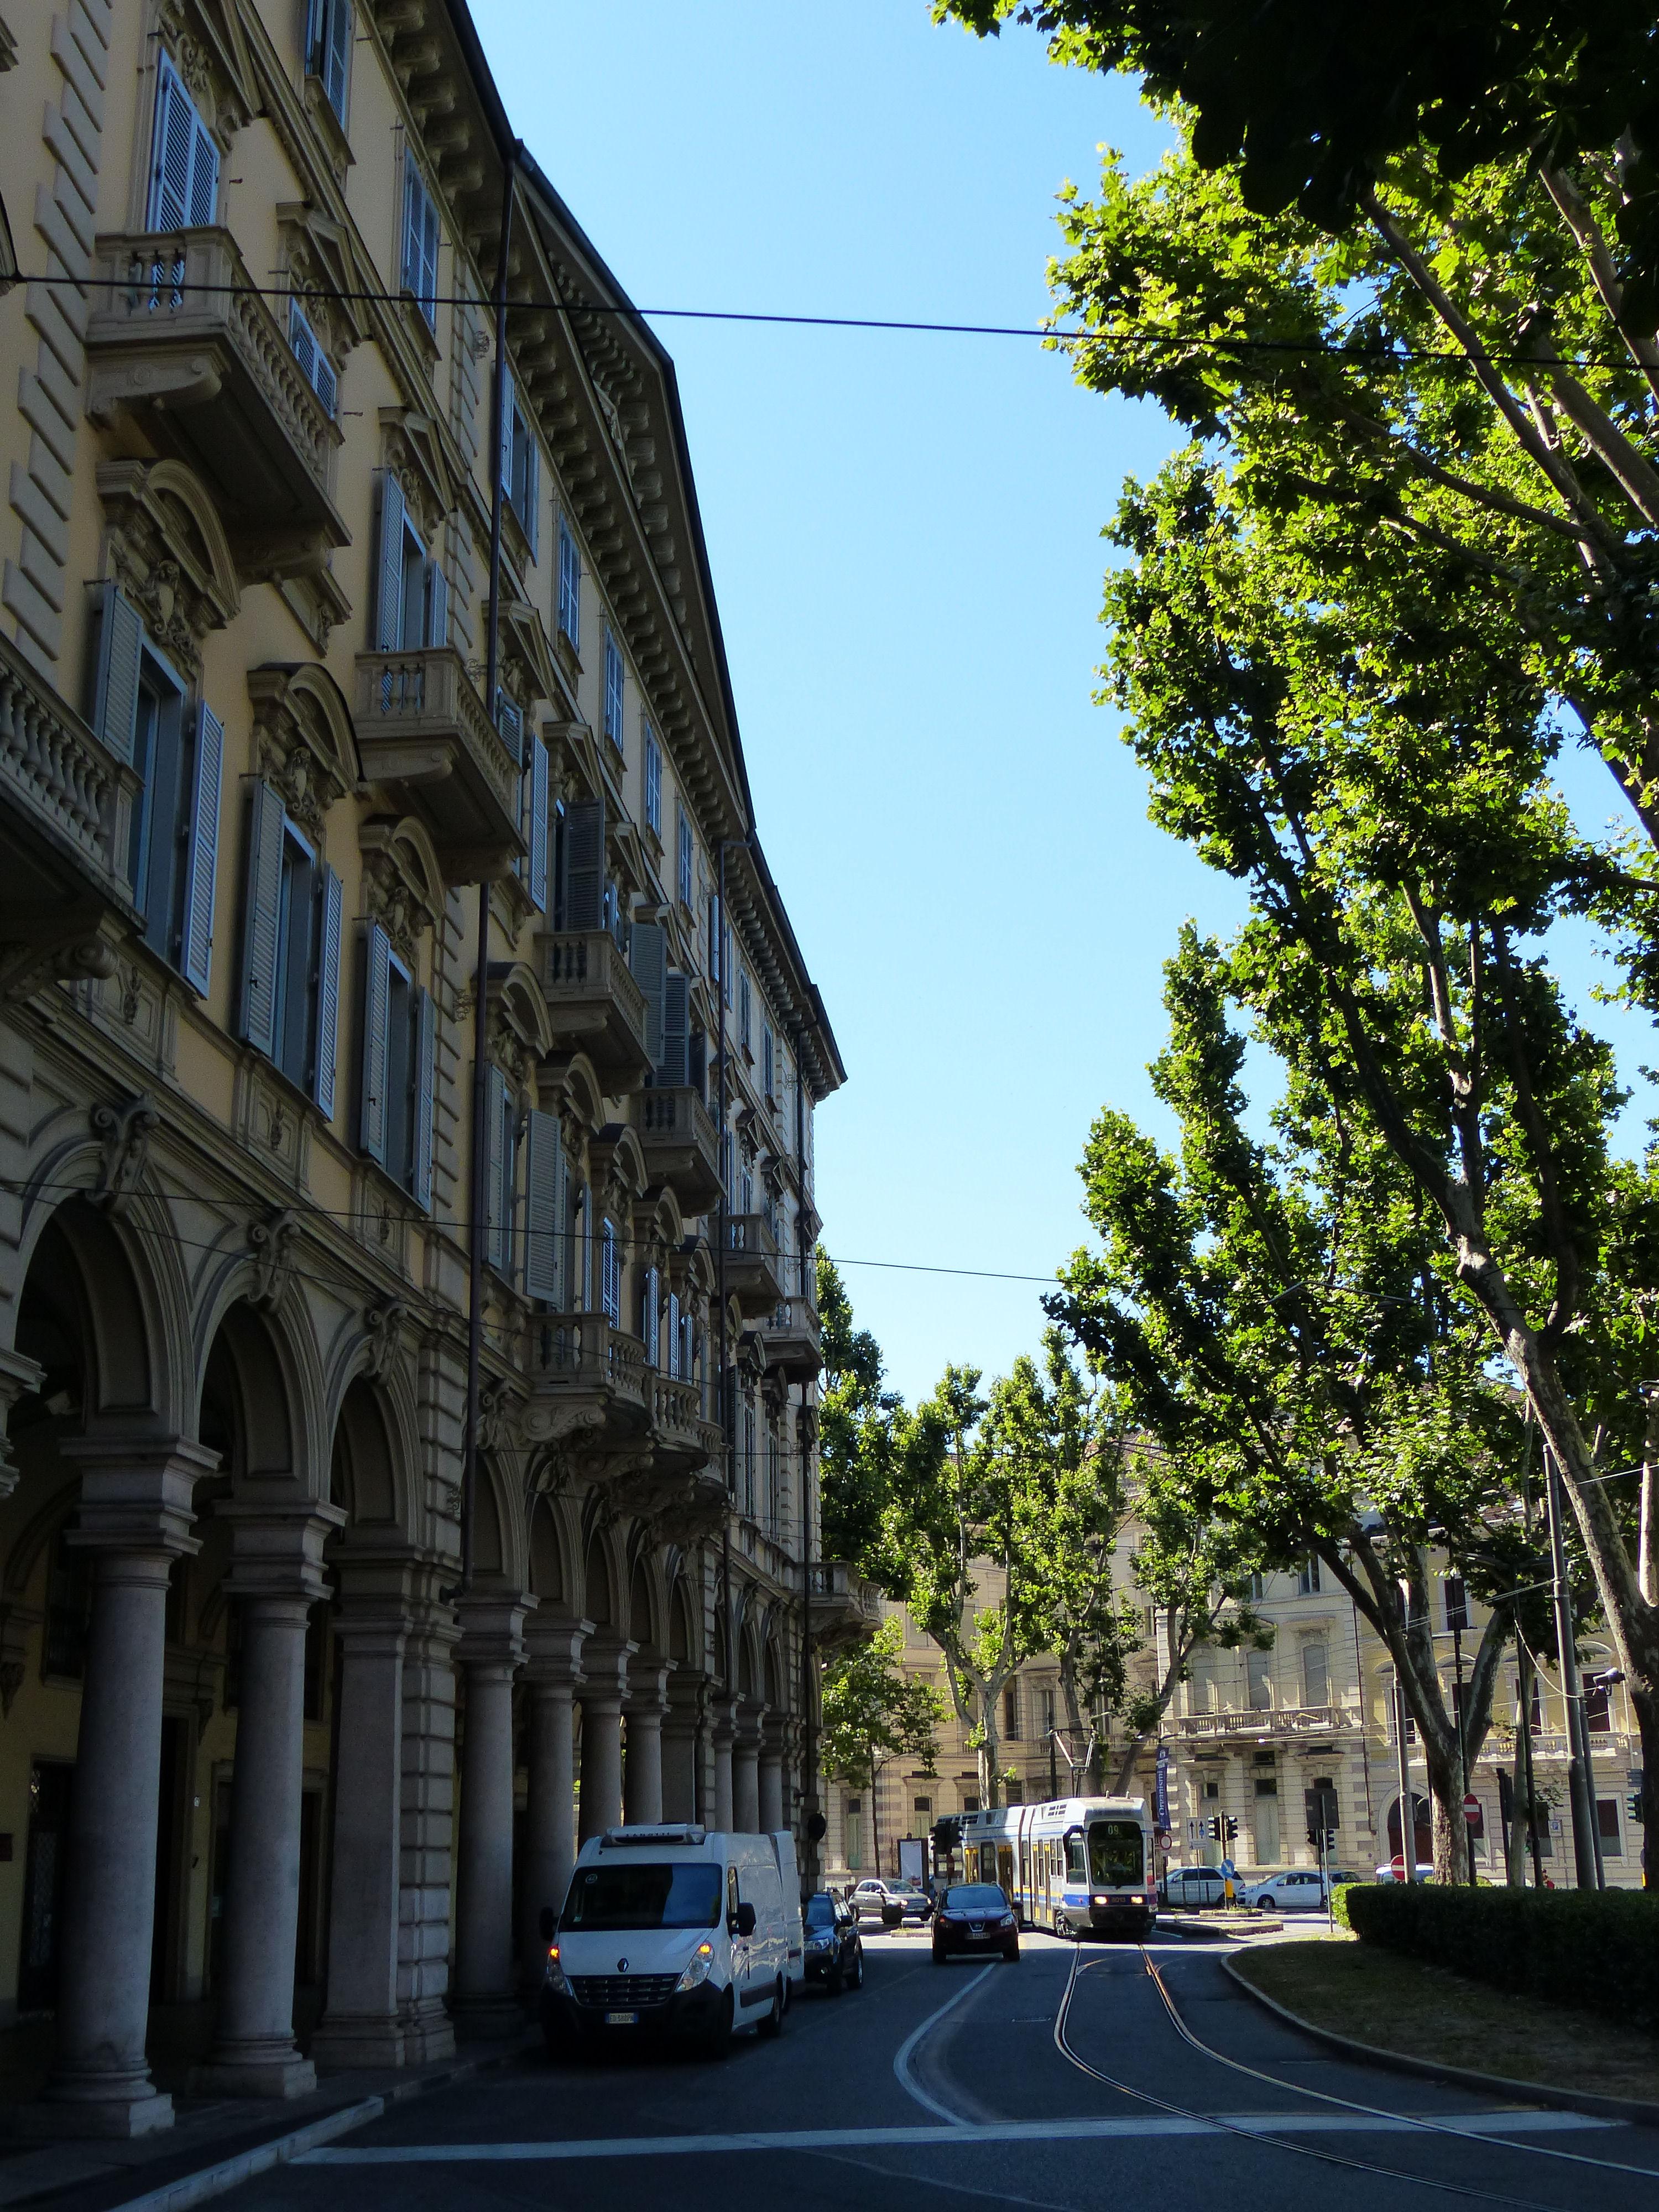 © Dipartimento di Scienze della Vita, Università di Trieste<br>by Andrea Moro<br>Comune di Torino, viali cittadini, TO, Piemonte, Italia, 26/07/2016<br>Distributed under CC-BY-SA 4.0 license.